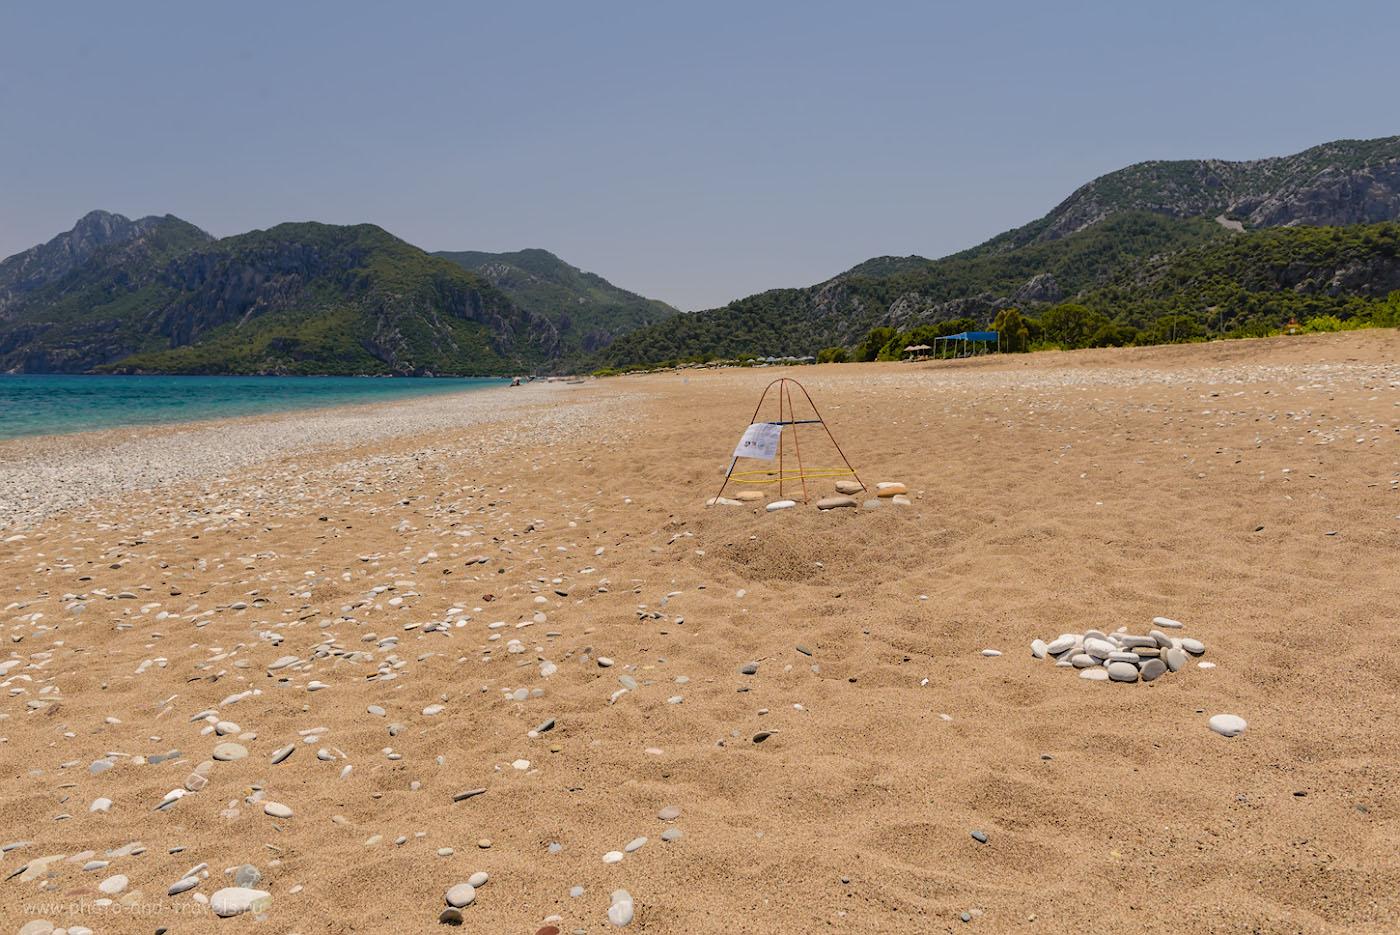 Фотография 26. Кладка яиц морской черепахи на пляже в Чиралы. Отзывы туристов об отдыхе в Кемере самостоятельно. При съемке снимков на пляже использовался поляризационный фильтр Hoya HD Circular-PL. Настройки: 1/200, 8.0, 100, 24.